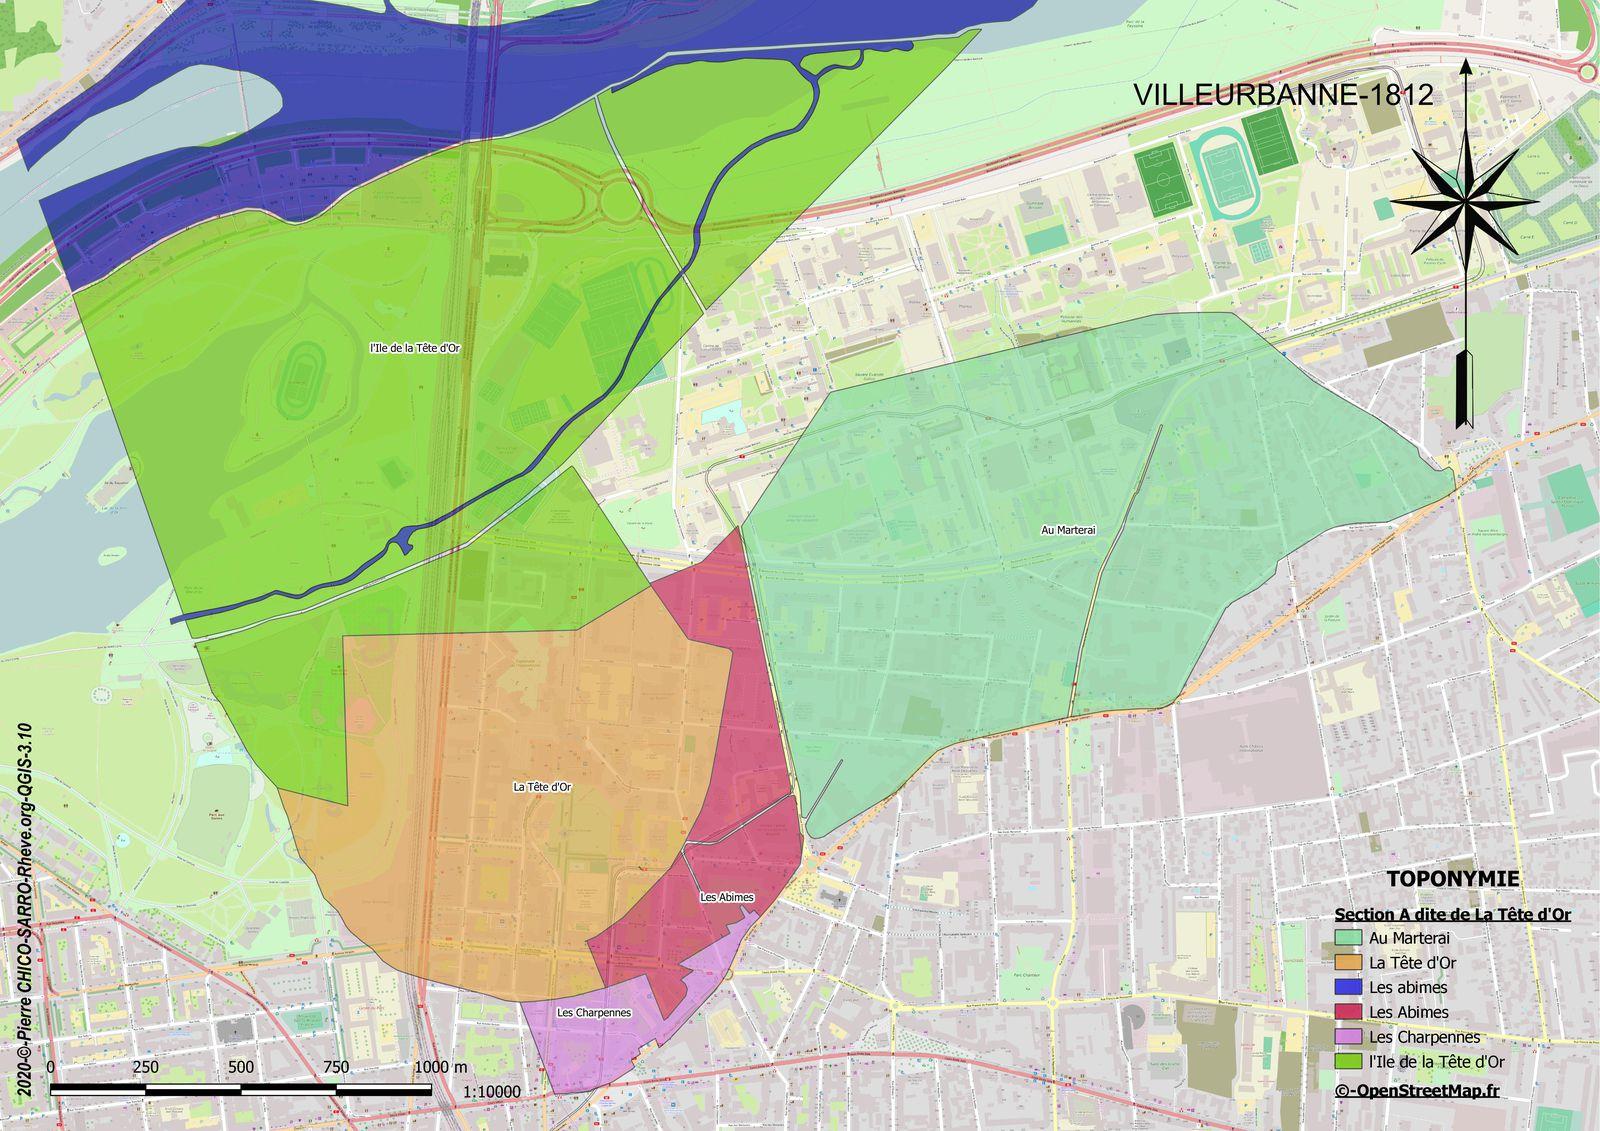 Distribution des toponymes sur la section A dite de la Tête d'Or à Villeurbanne en 1812